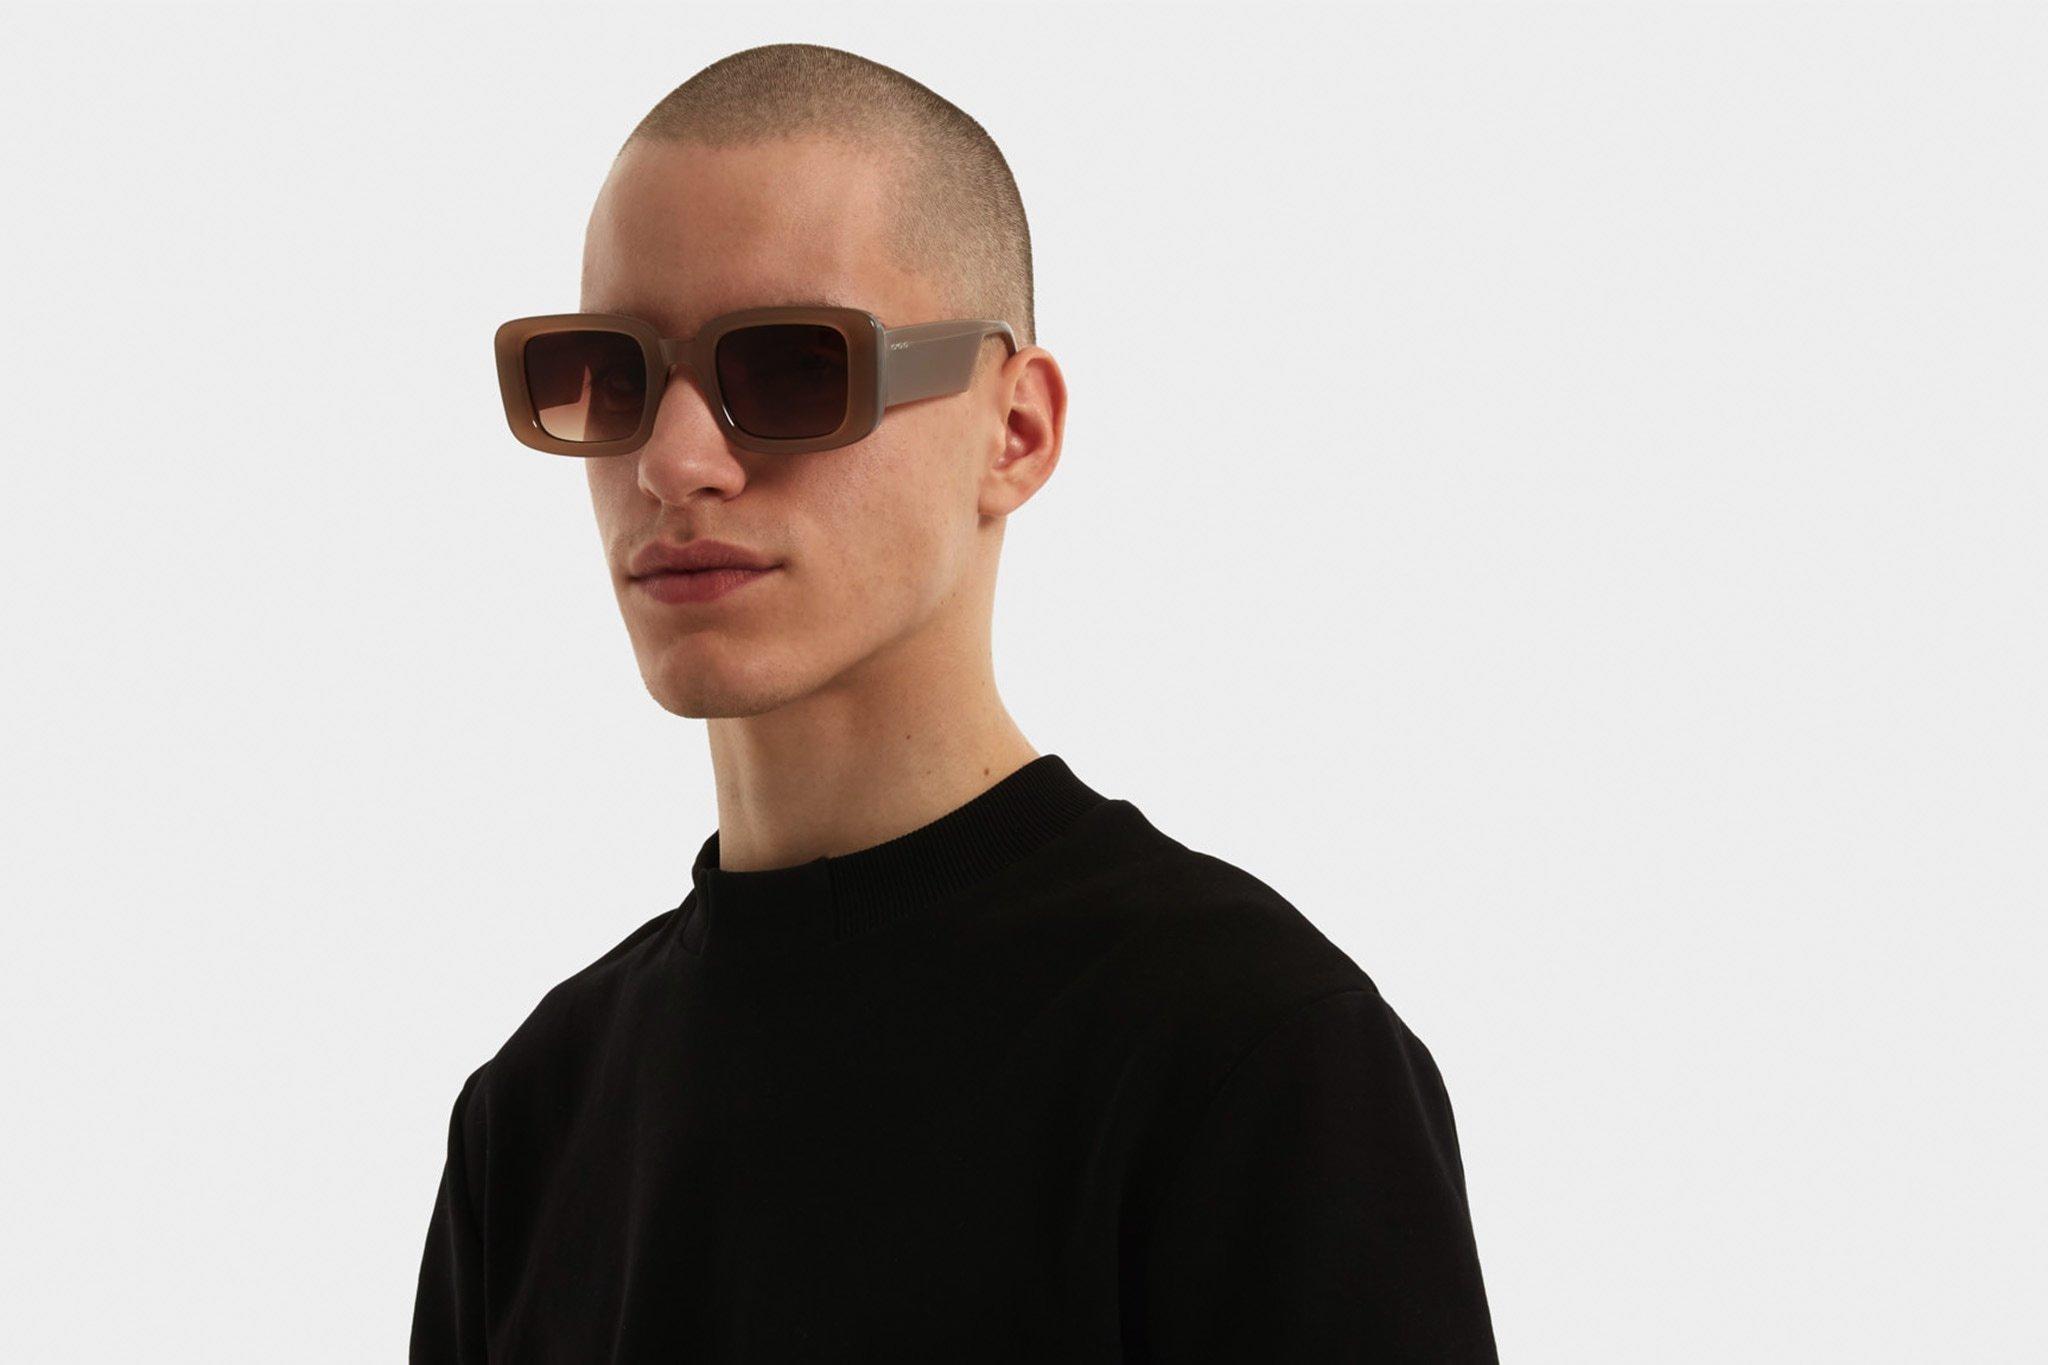 Τετράγωνα unisex κοκάλινα γυαλιά ηλίου Avery σε μπεζ σκελετό και καφέ ντεγκραντέ φακούς της εταιρίας Komonoγια όλα τα πρόσωπα.